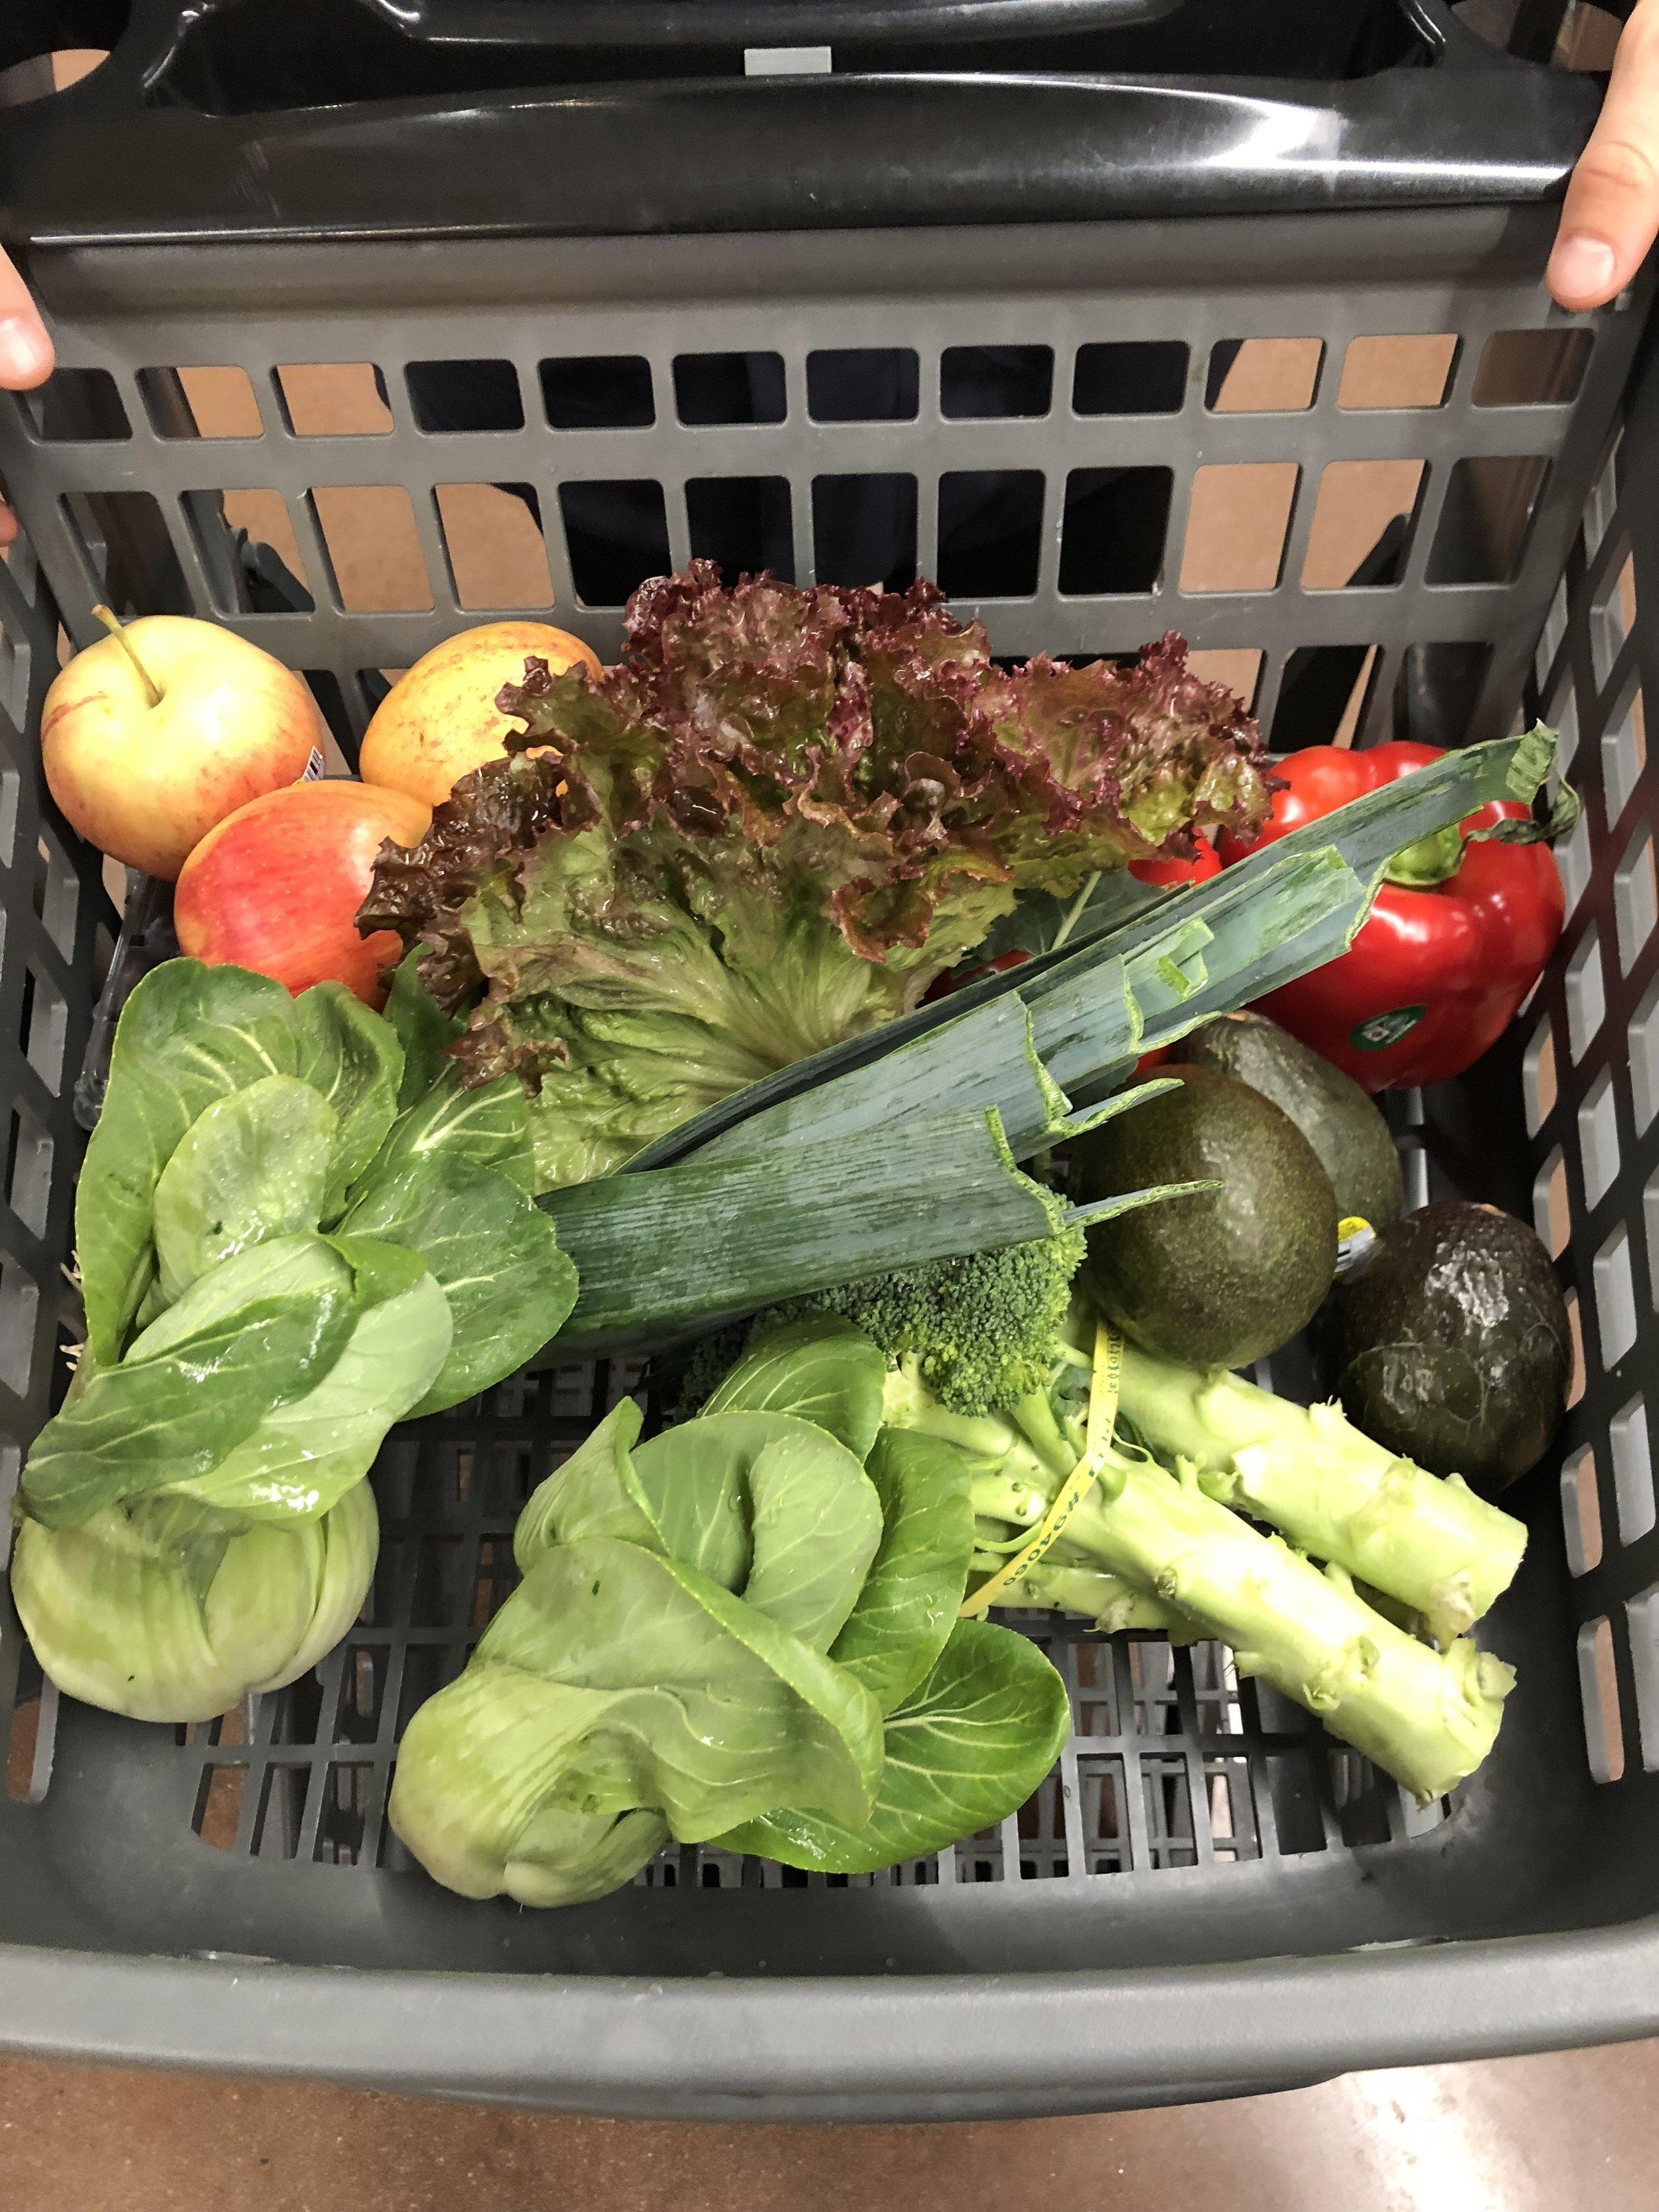 My zero-waste produce shopping cart!